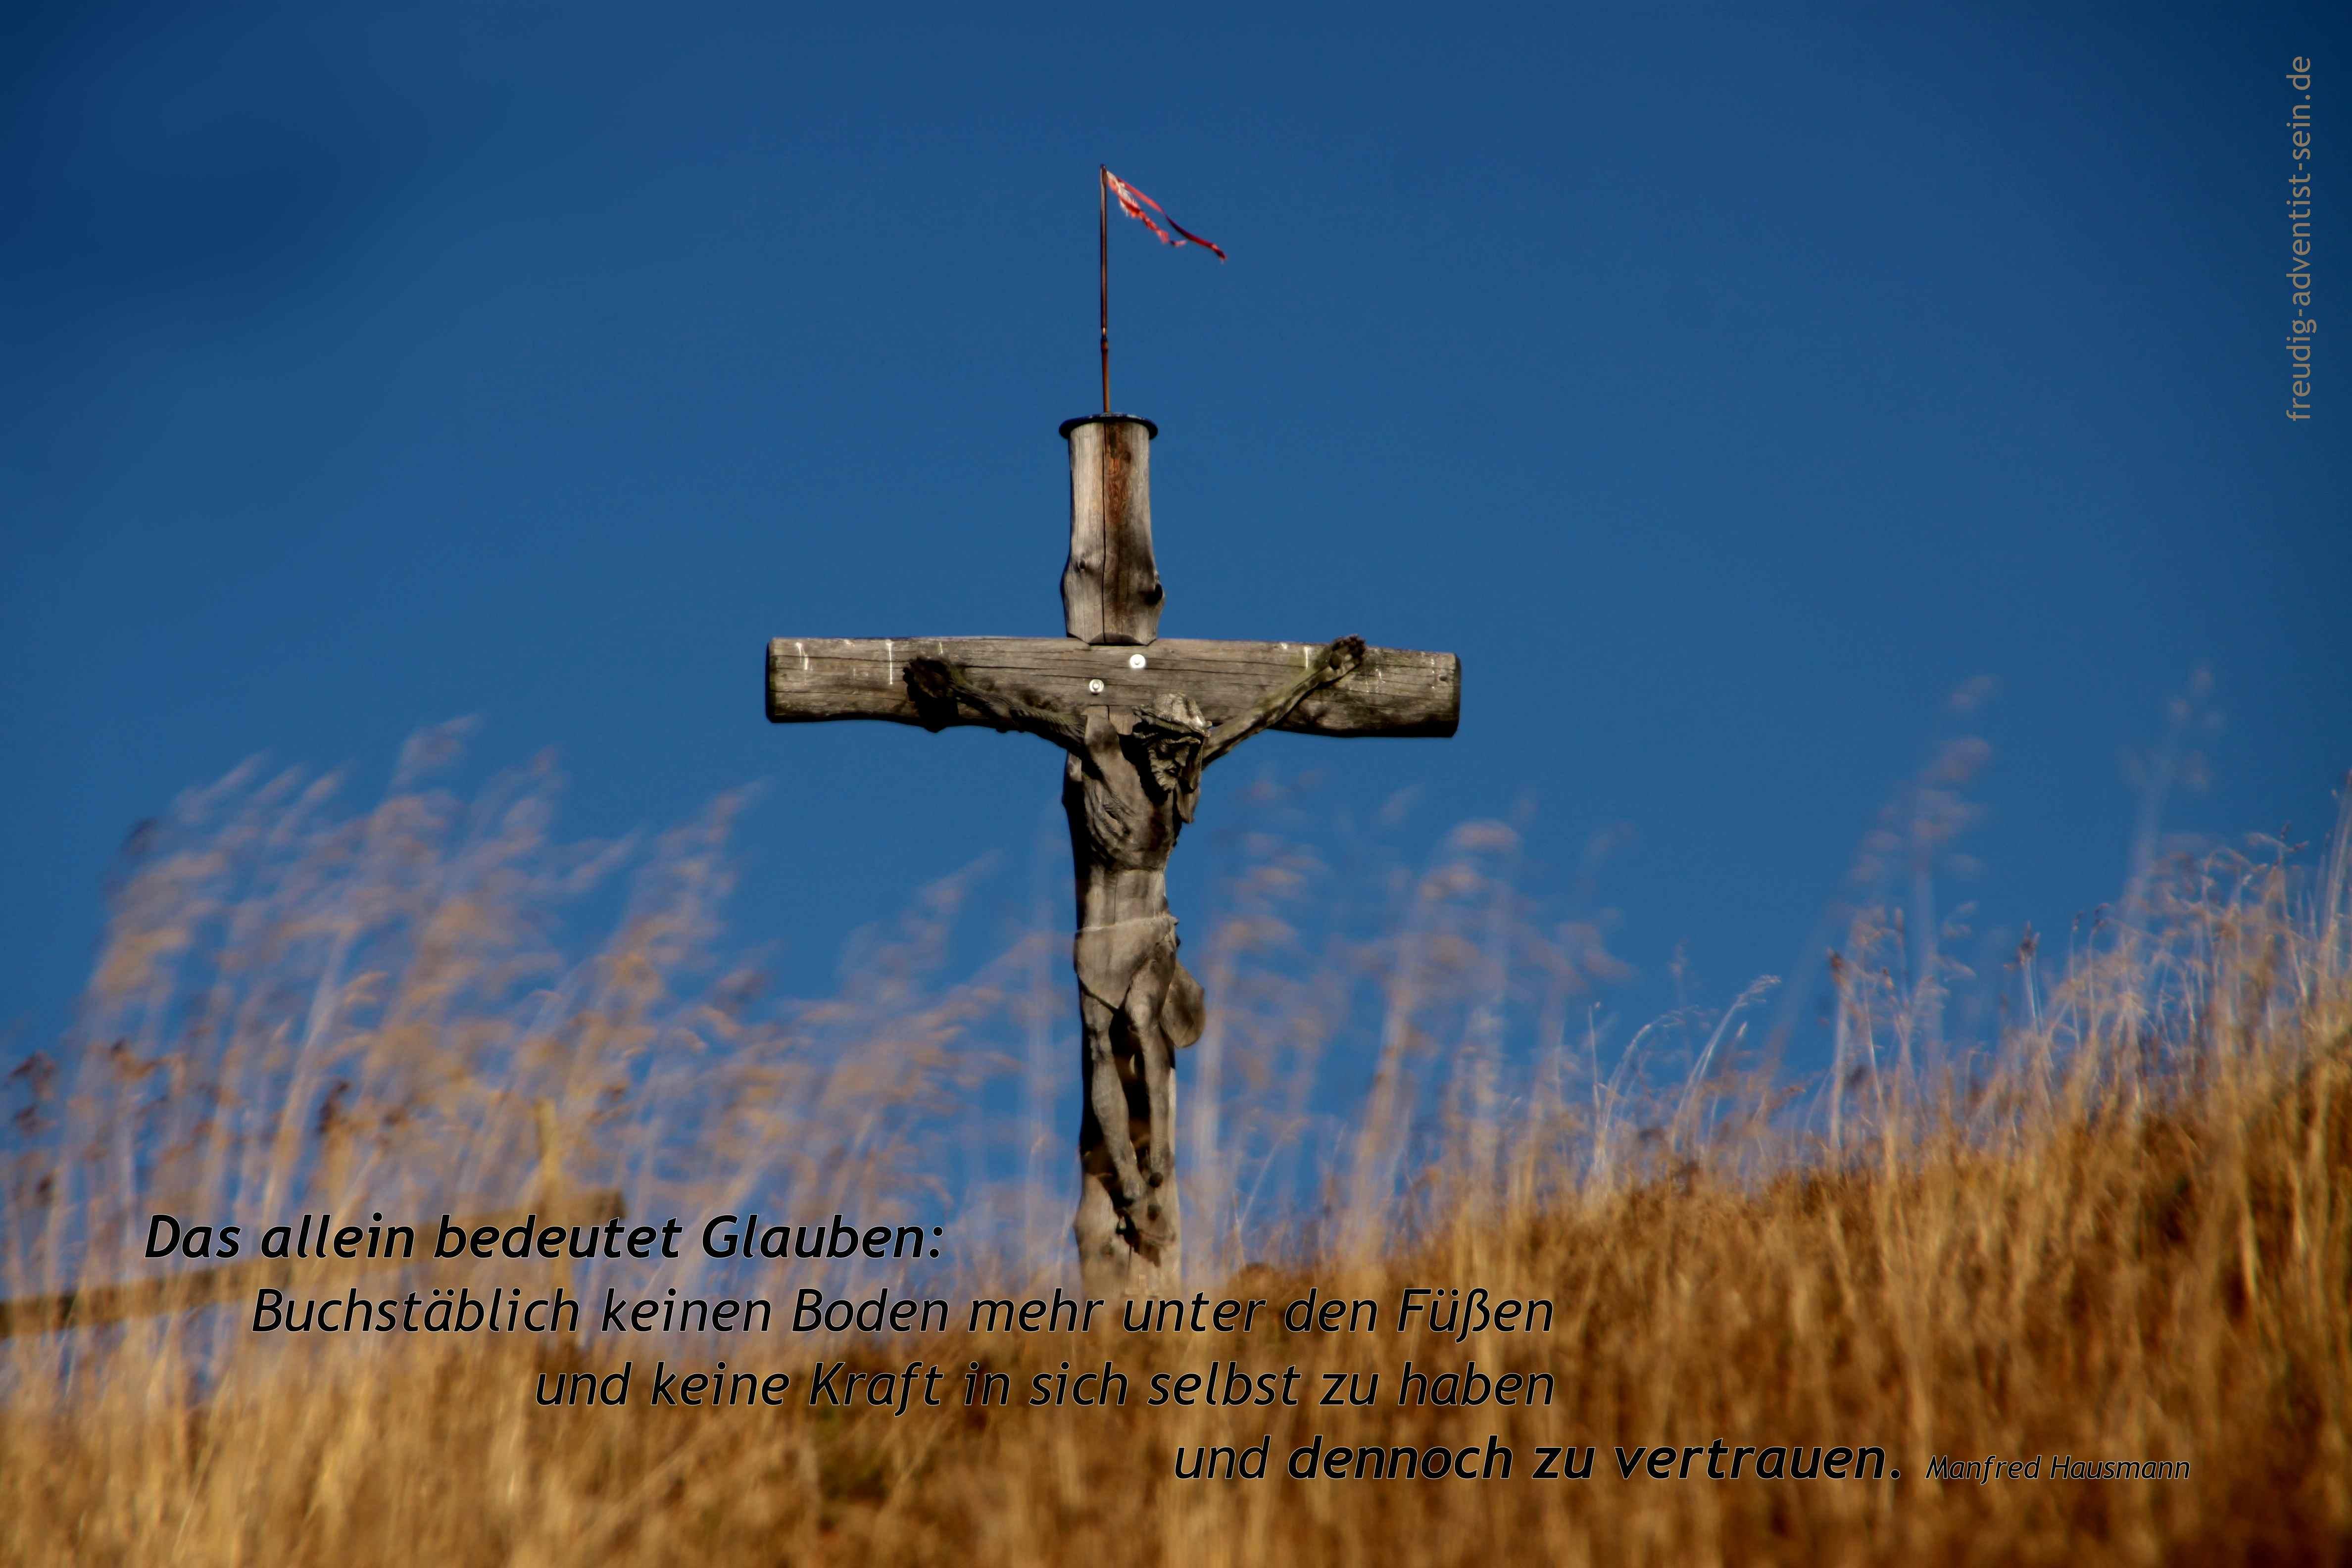 freudig-adventist-sein-15-06-small